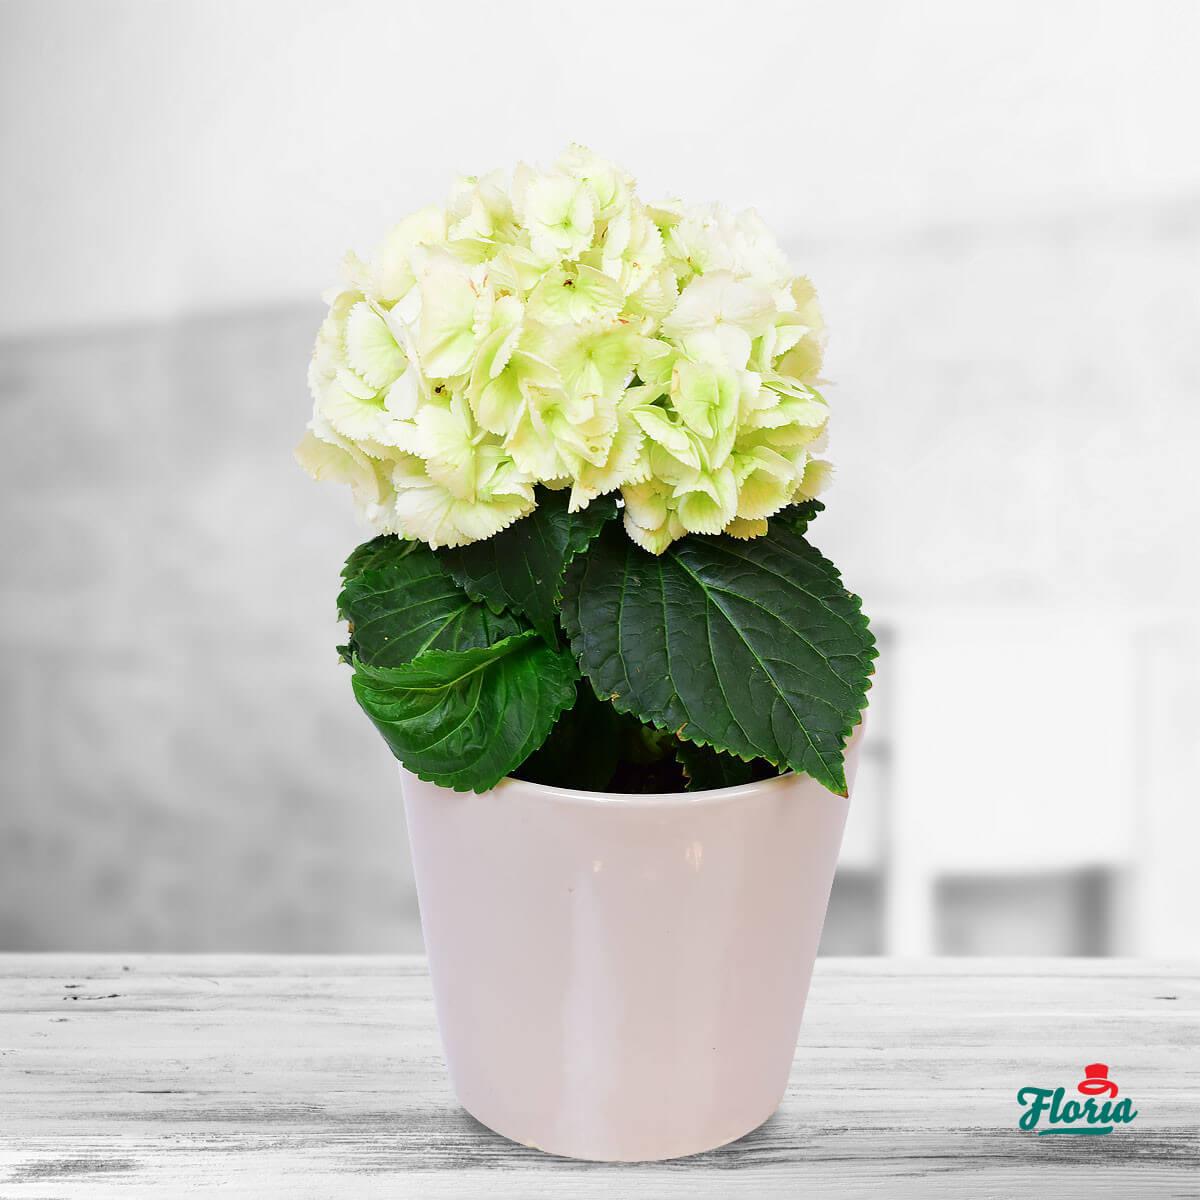 flori-hortennsie-la-ghiveci-33755